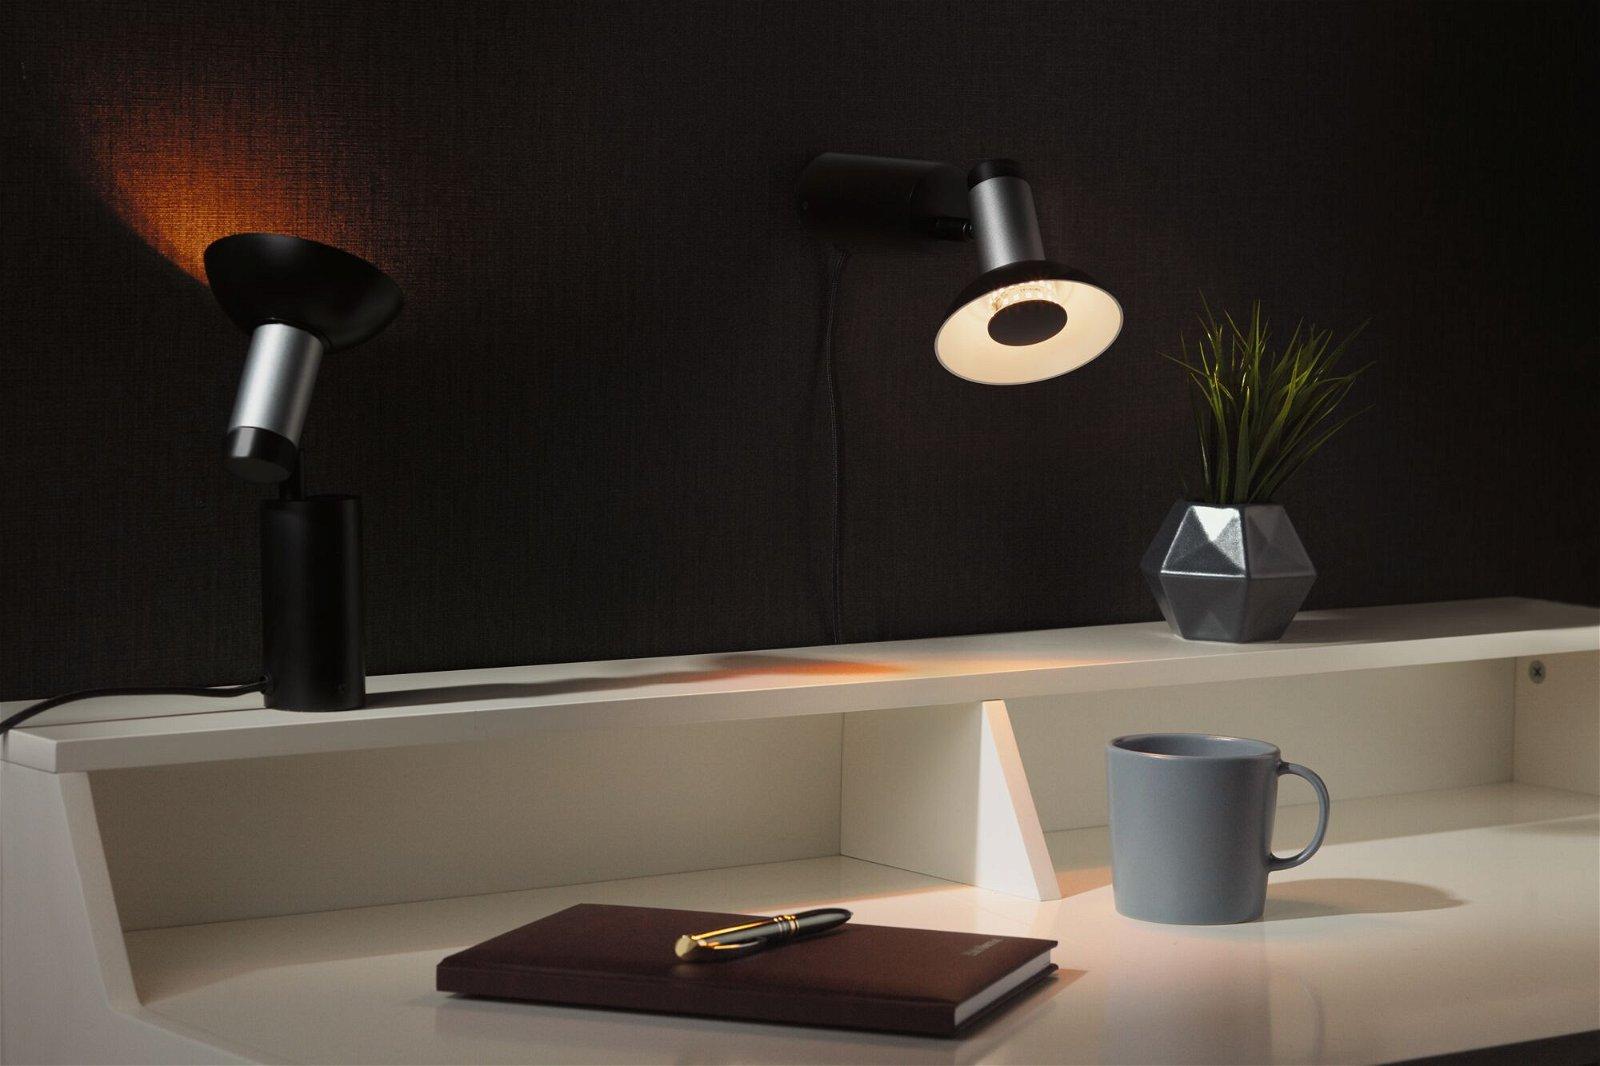 LED Reflektor GU10 230V 170lm 4,9W 1900K Schwarz/Gold